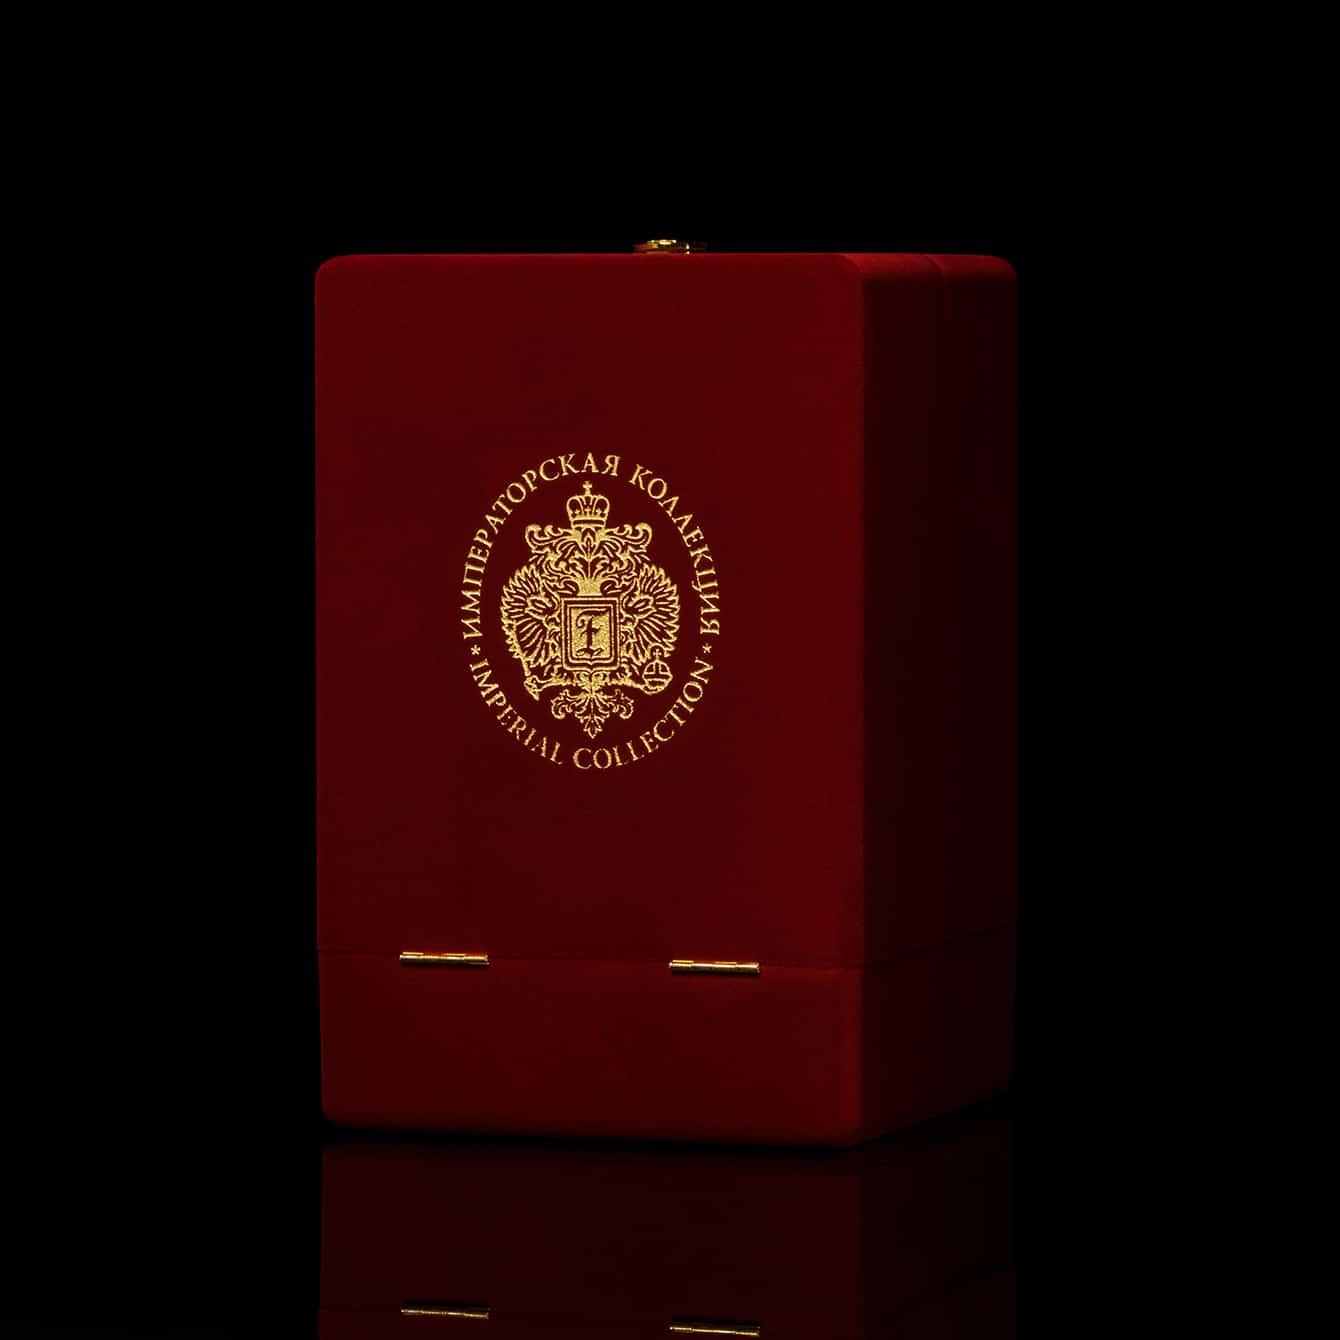 インペリアルコレクション ウォッカ イエロー ドラゴン